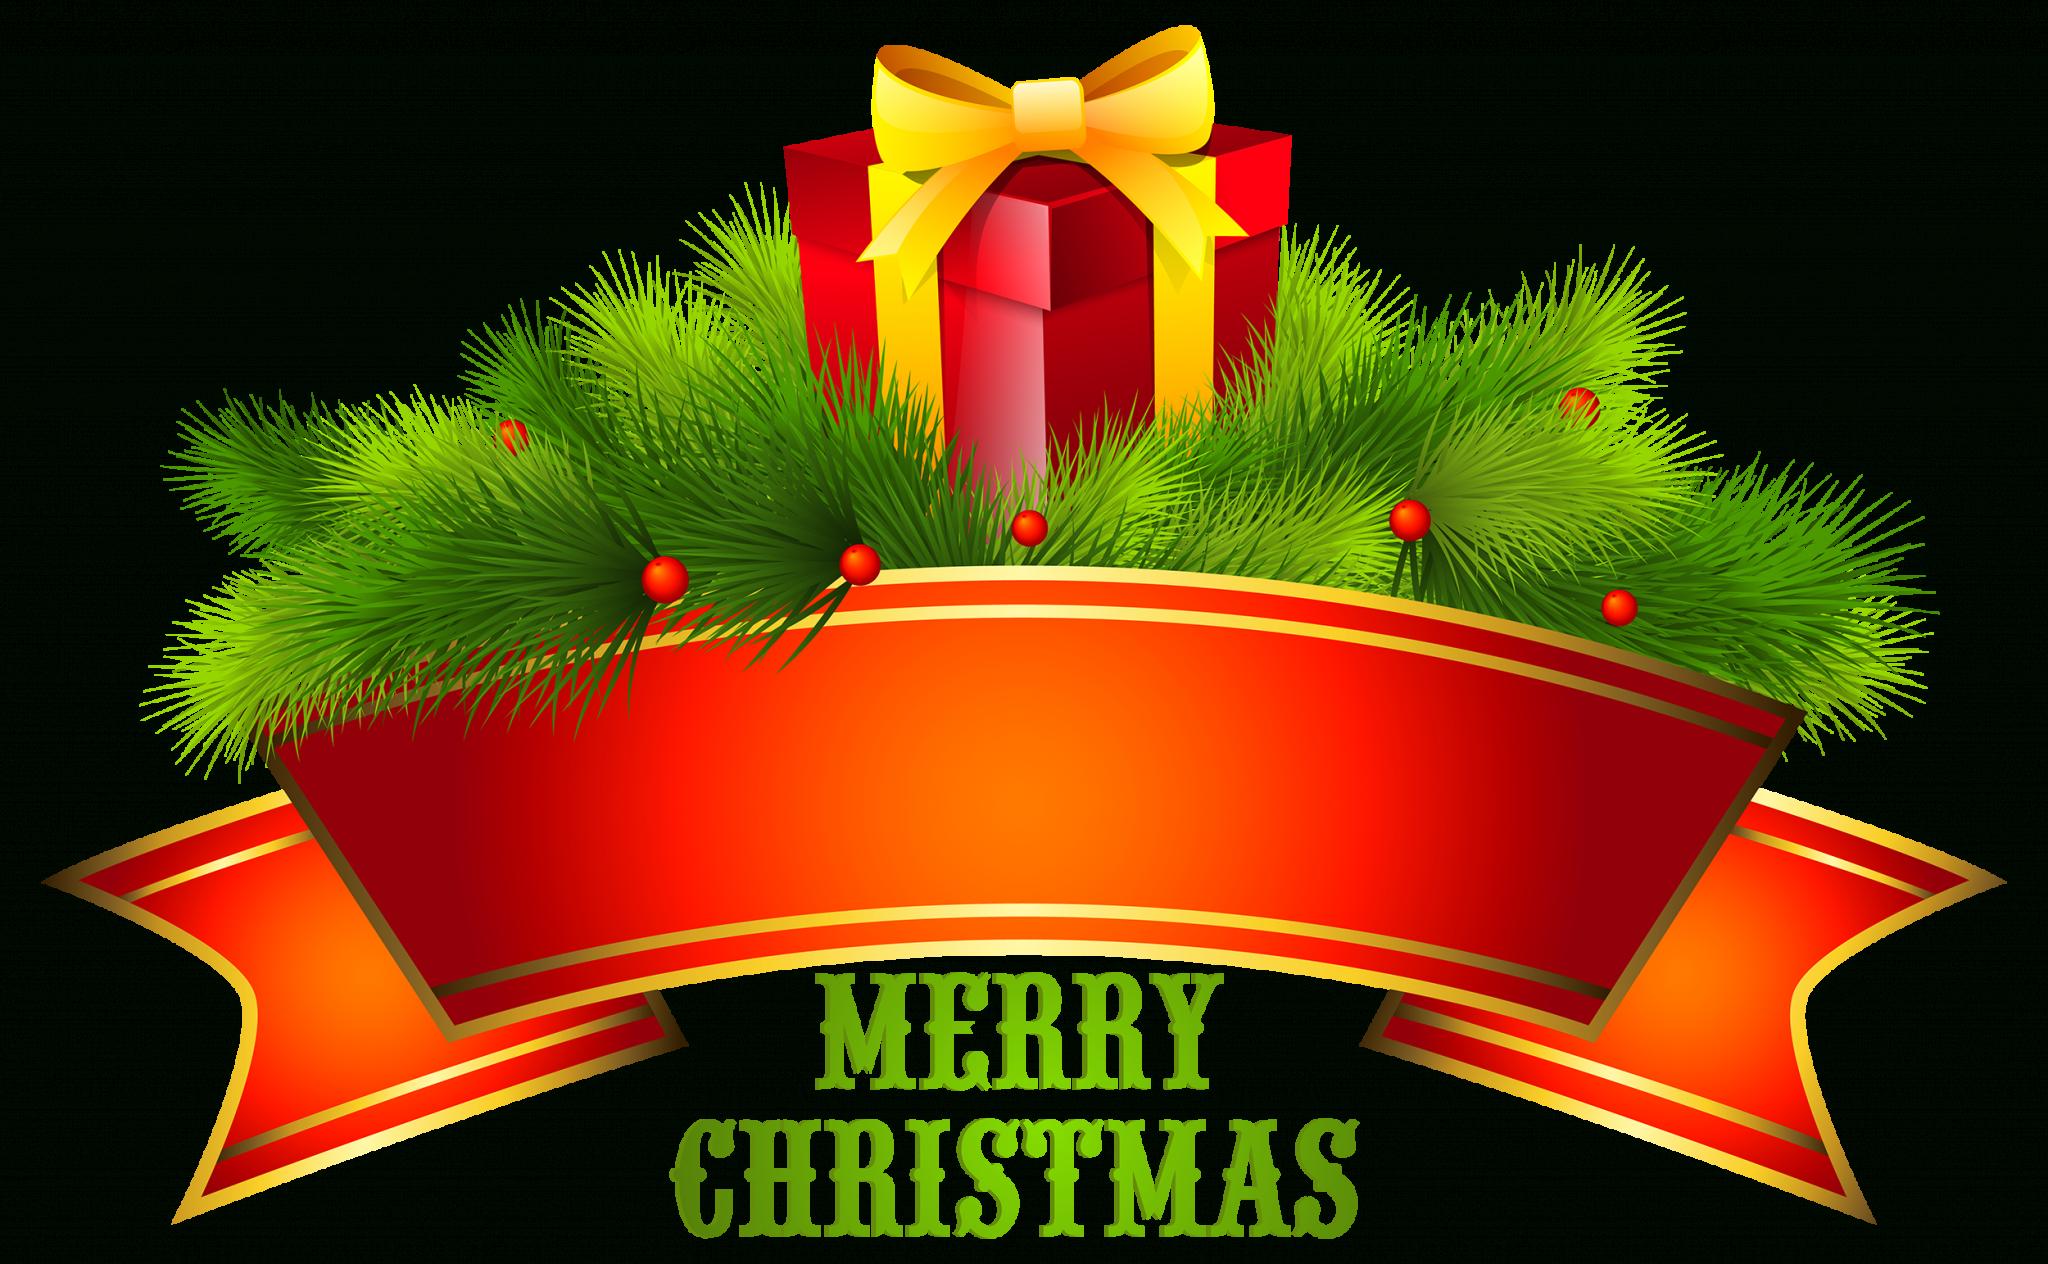 Christmas Pictures Clip Art 2017 | Best Template Idea clip art transparent download